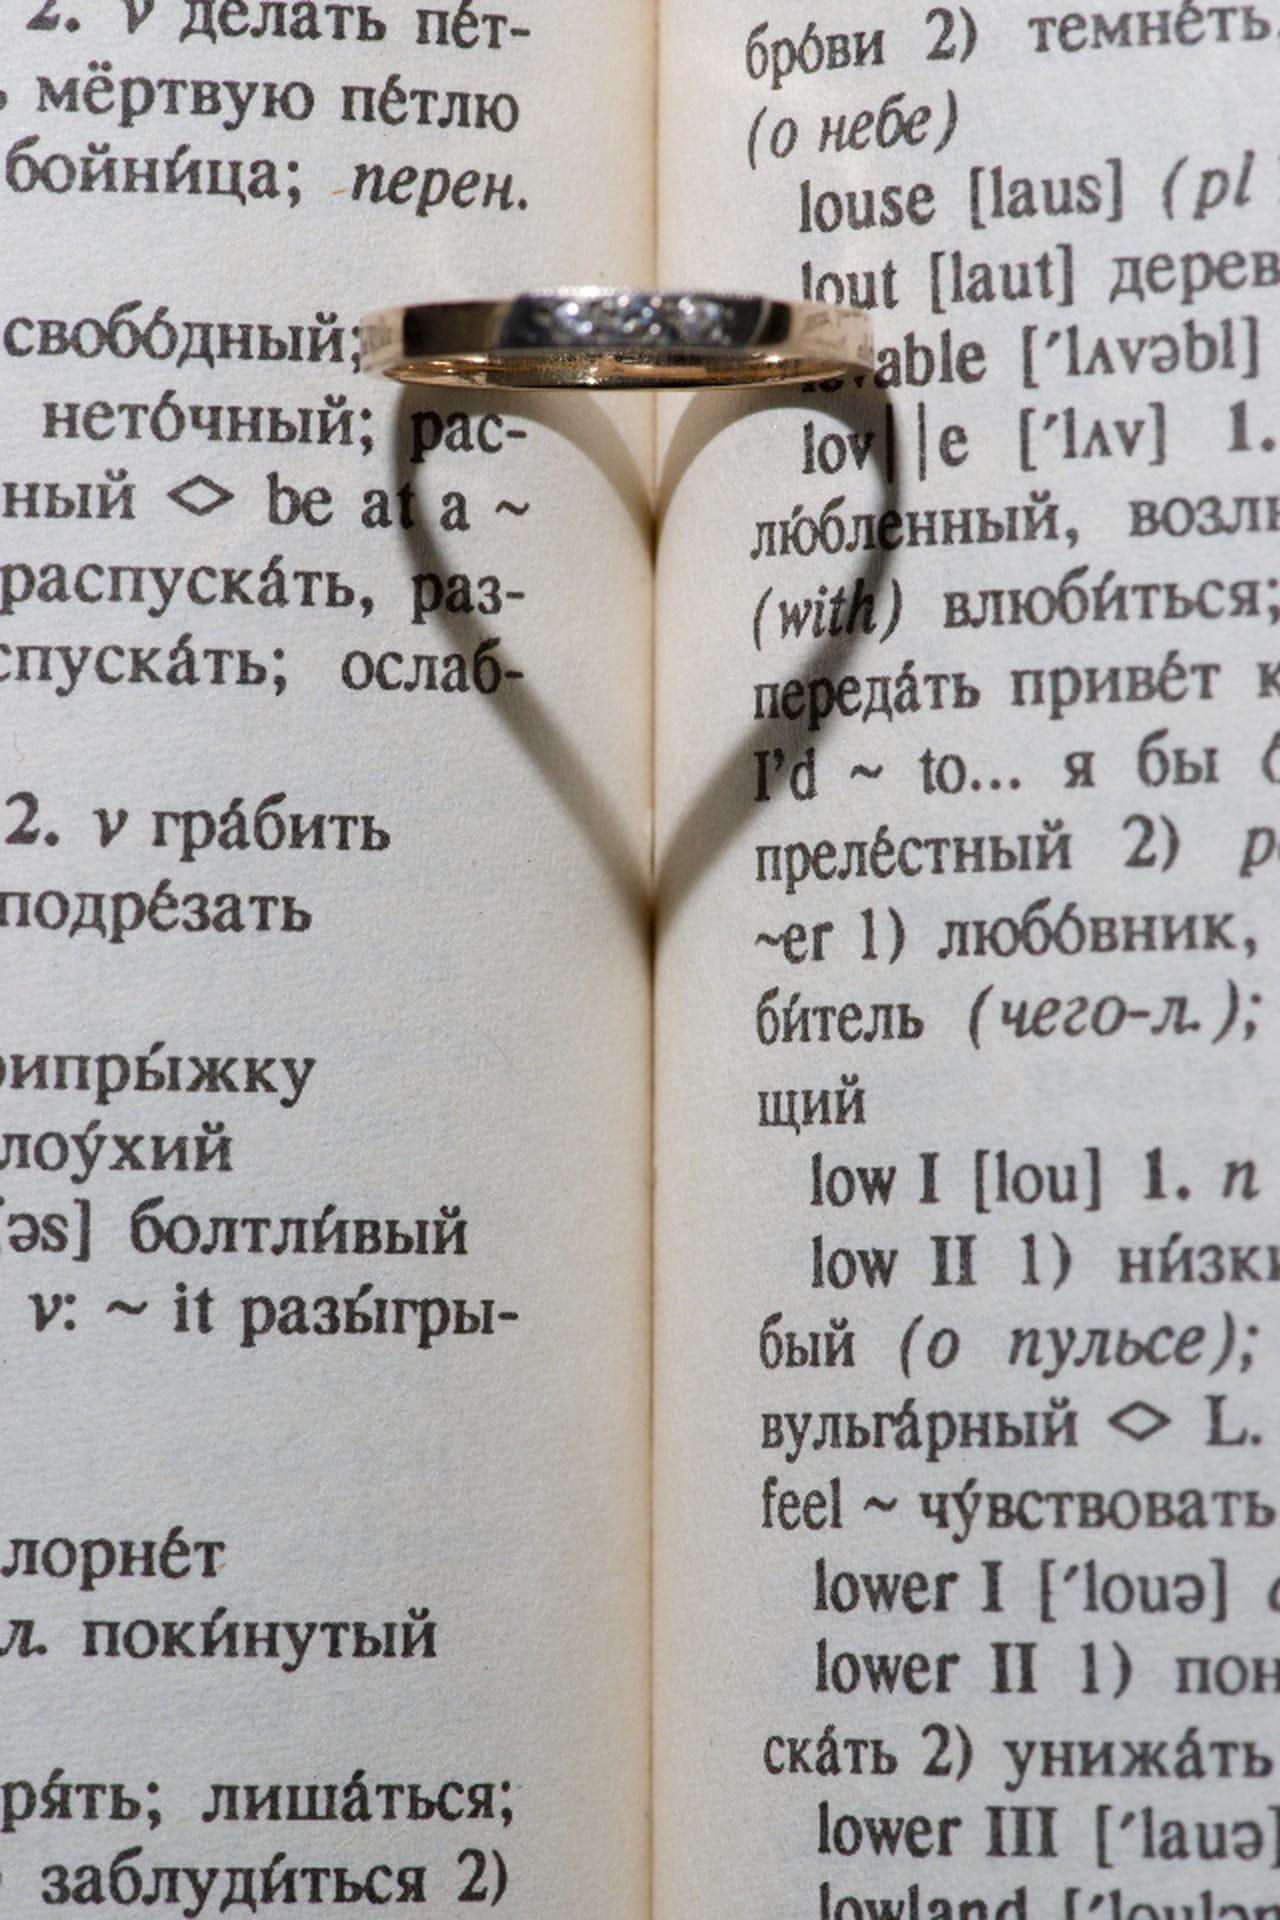 Frasi Matrimonio Lunghe.Auguri Di Matrimonio Idee Per Frasi Originali Magazine Delle Donne